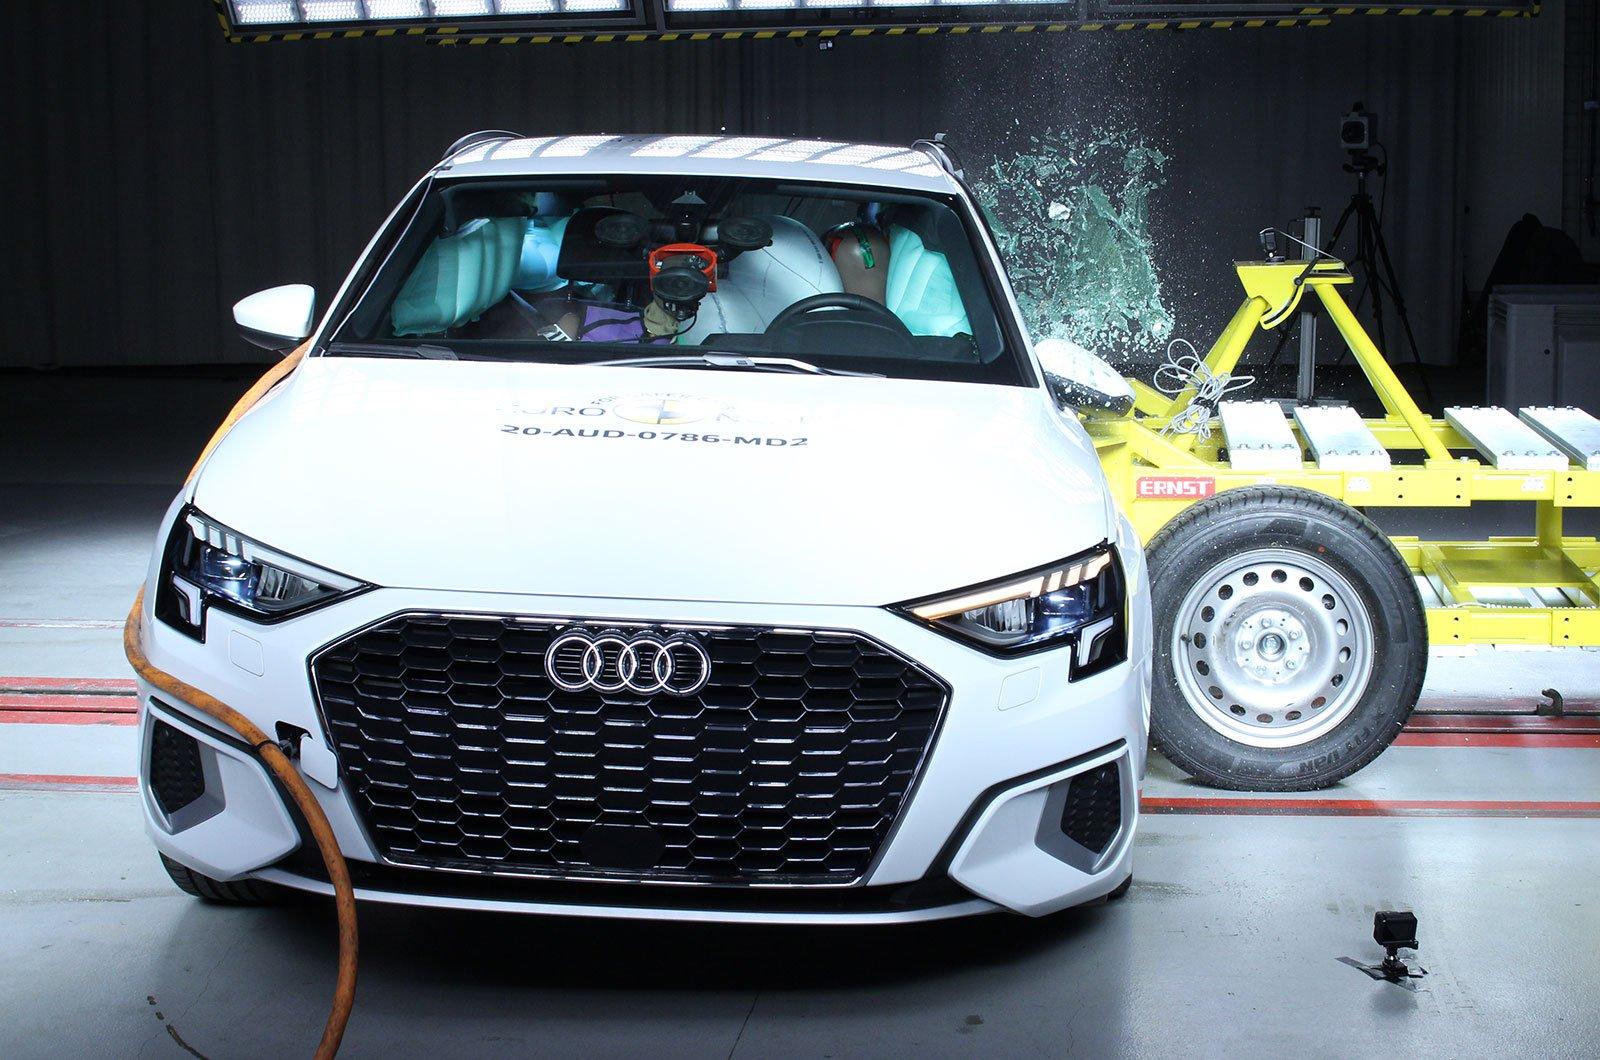 Audi A3 crash test